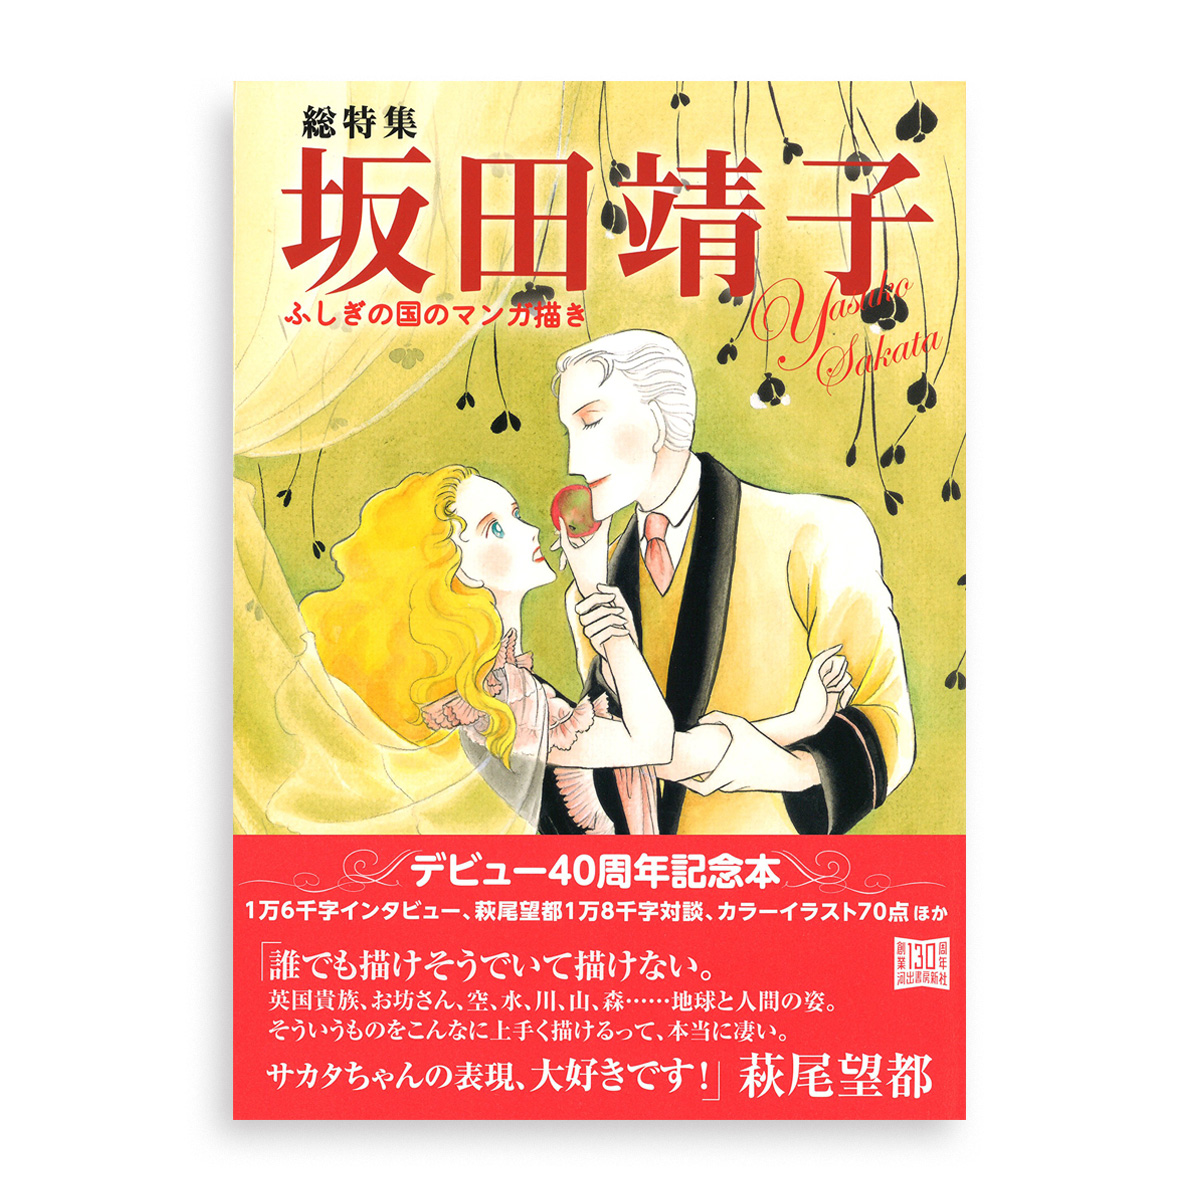 坂田靖子 ふしぎの国のマンガ描き